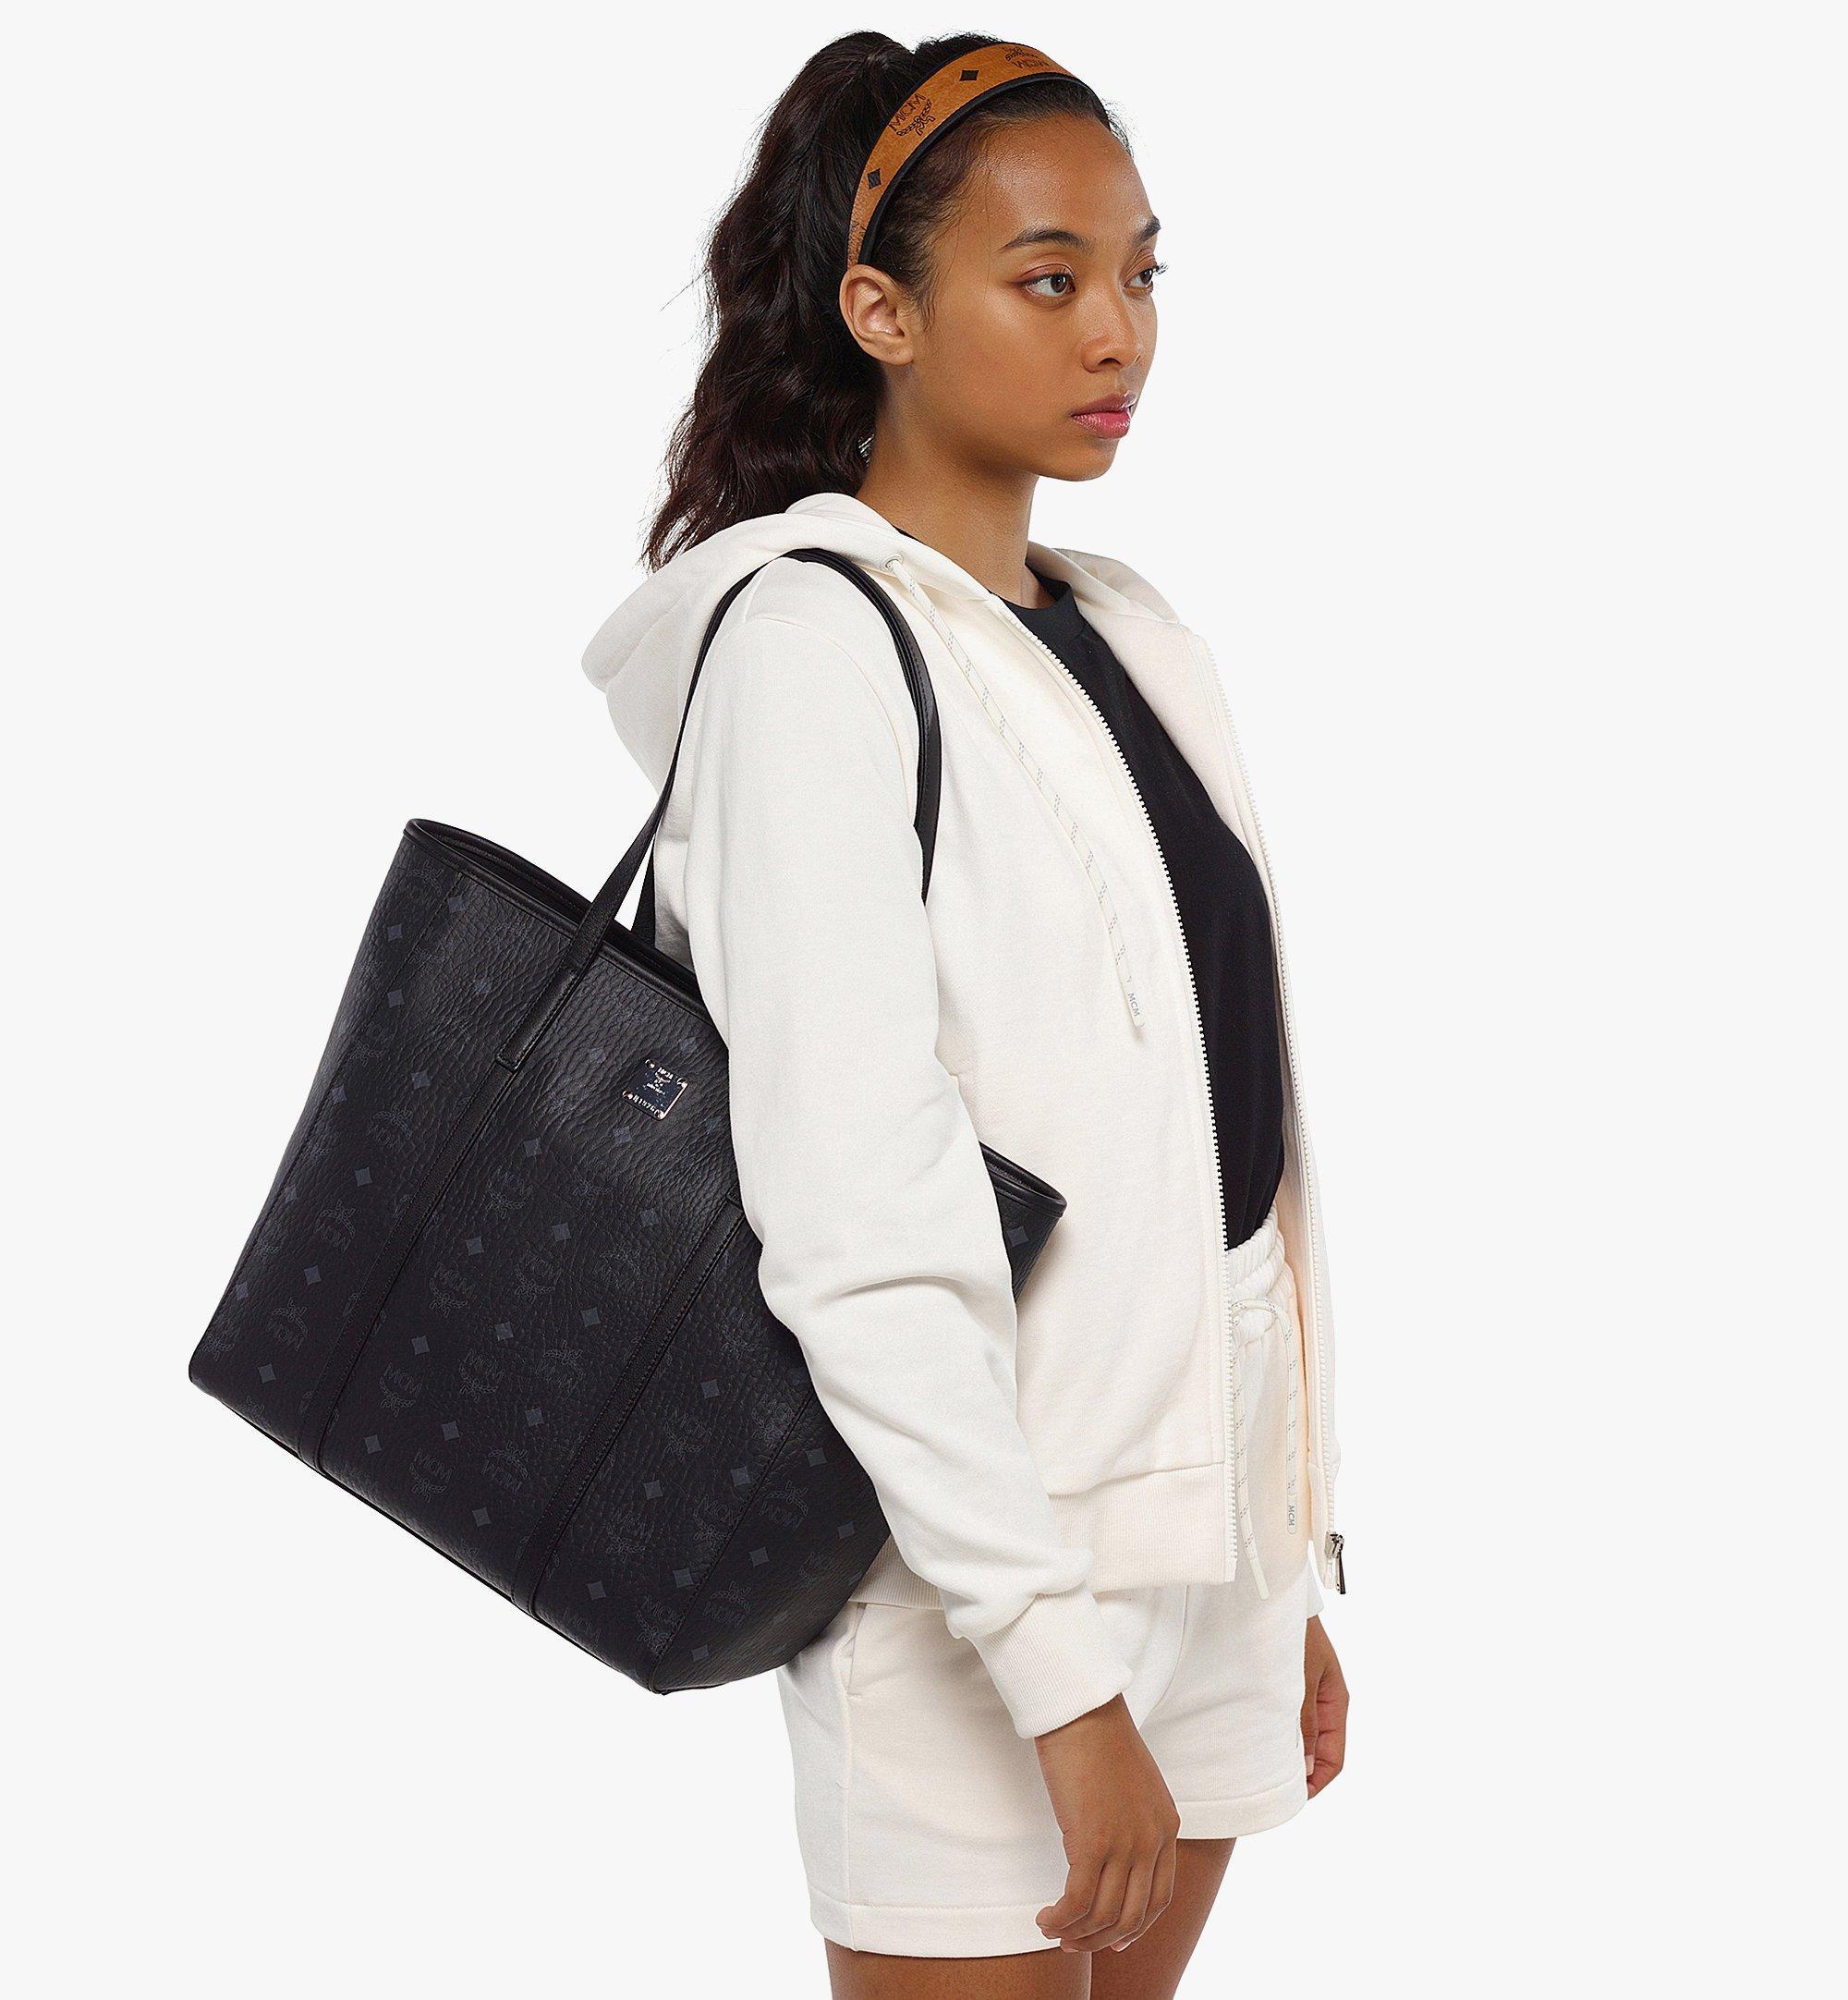 MCM Toni Shopper in Visetos Black MWPAATN03BK001 Alternate View 5